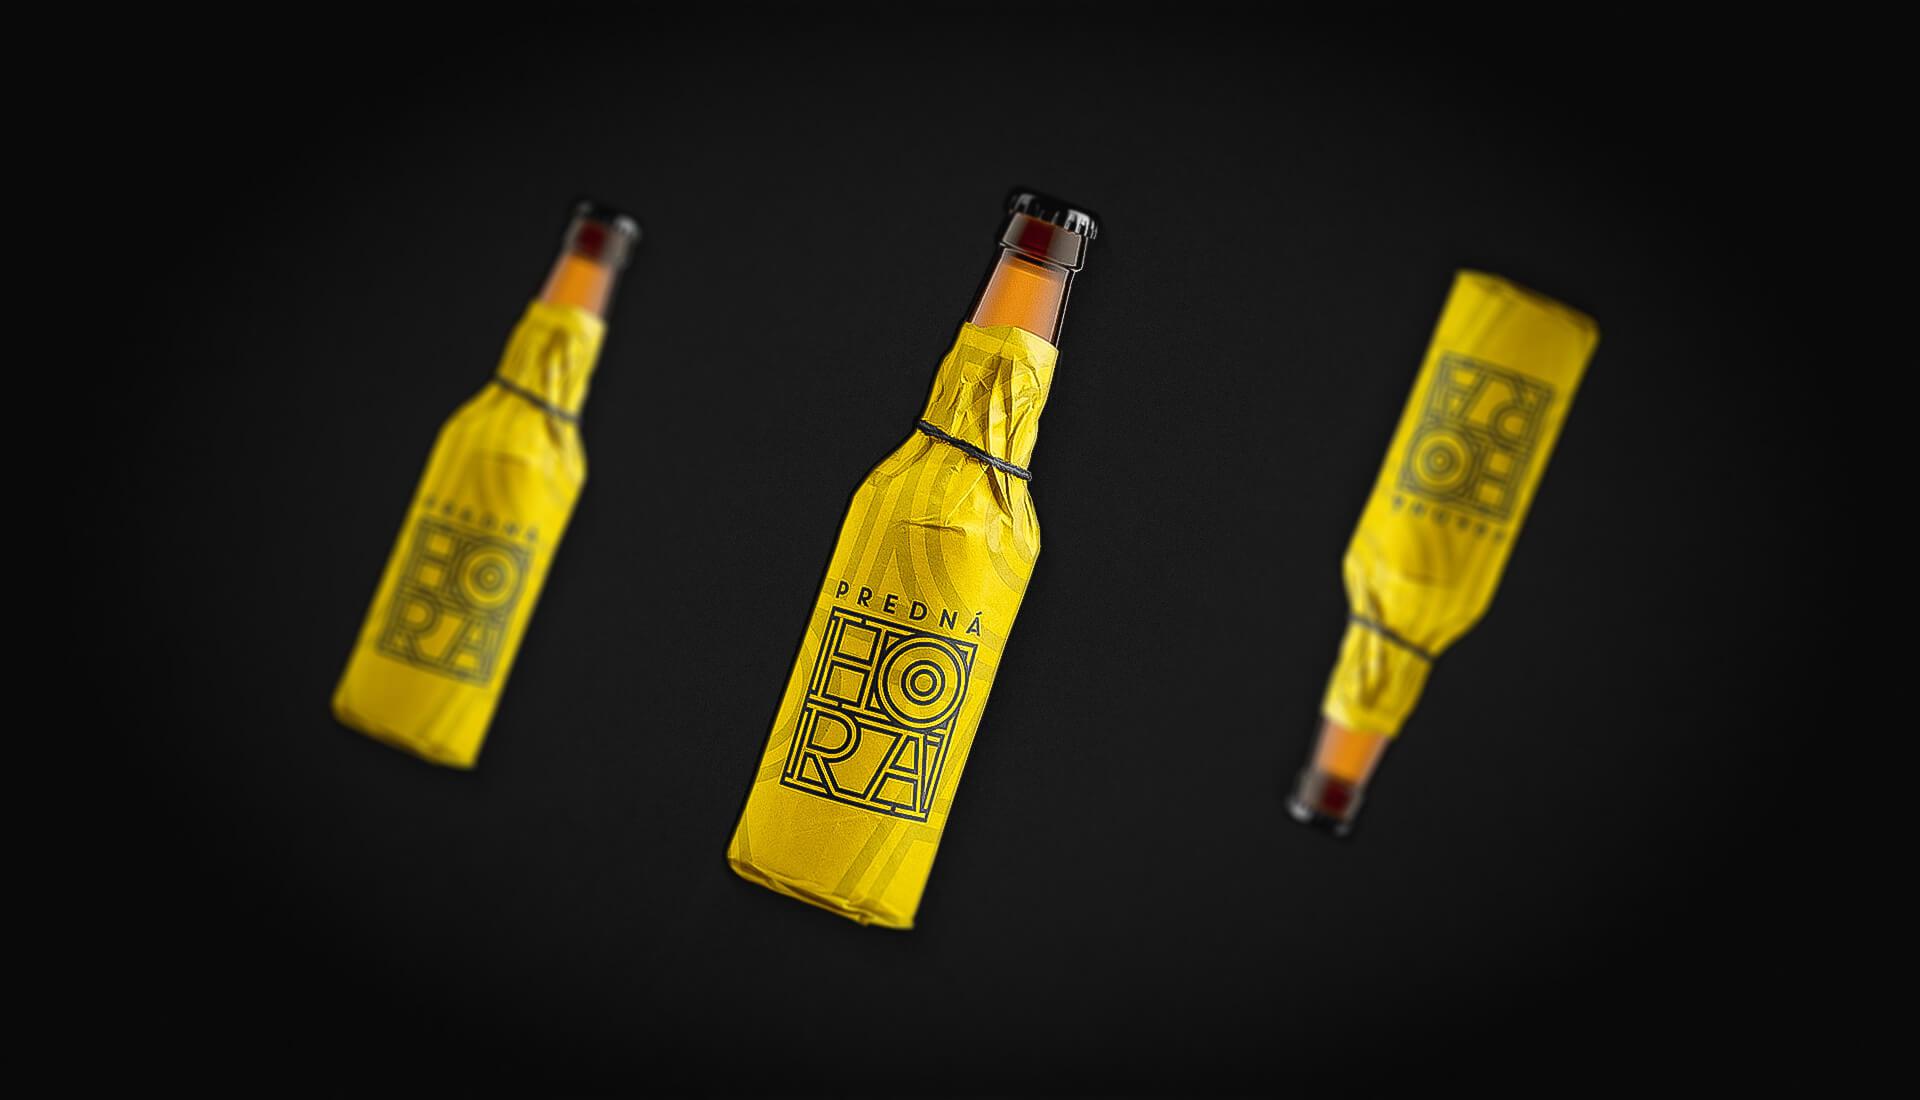 Etiketa na pivo, obalový dizajn wrap na fľašu žltý Predná Hora